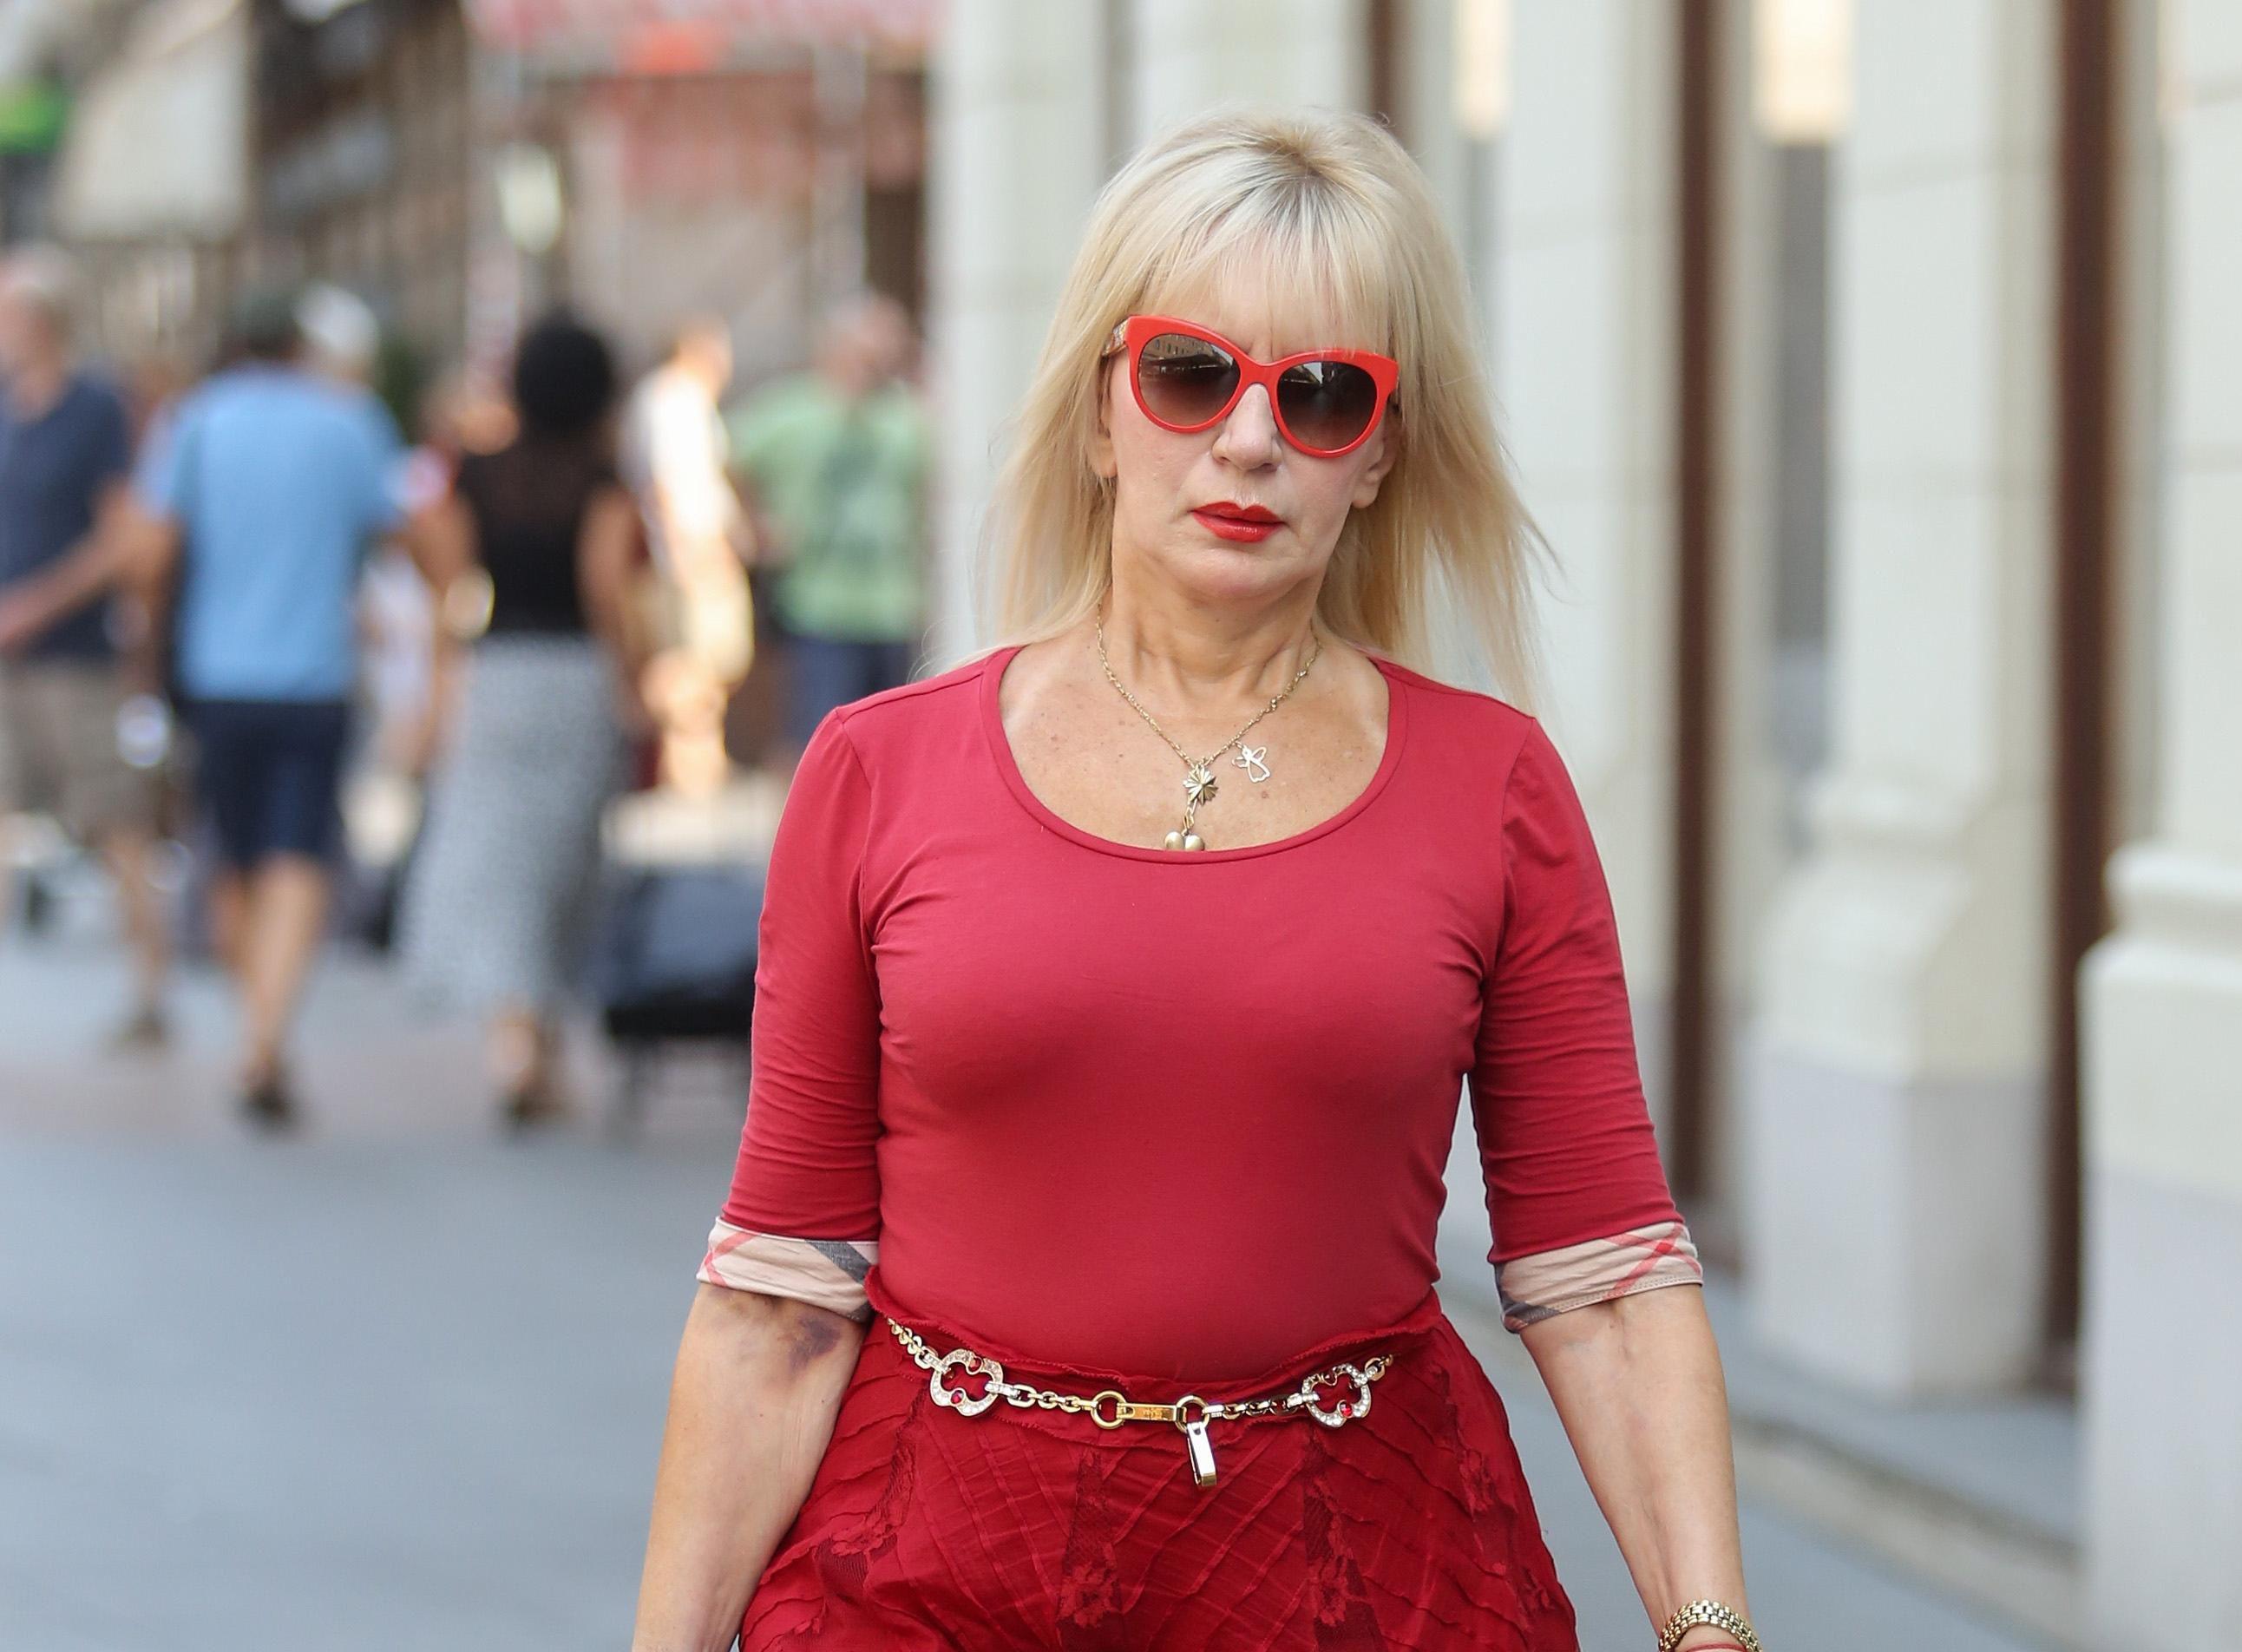 Ova dama u crvenom od glave do pete pokazala što znači biti posebna